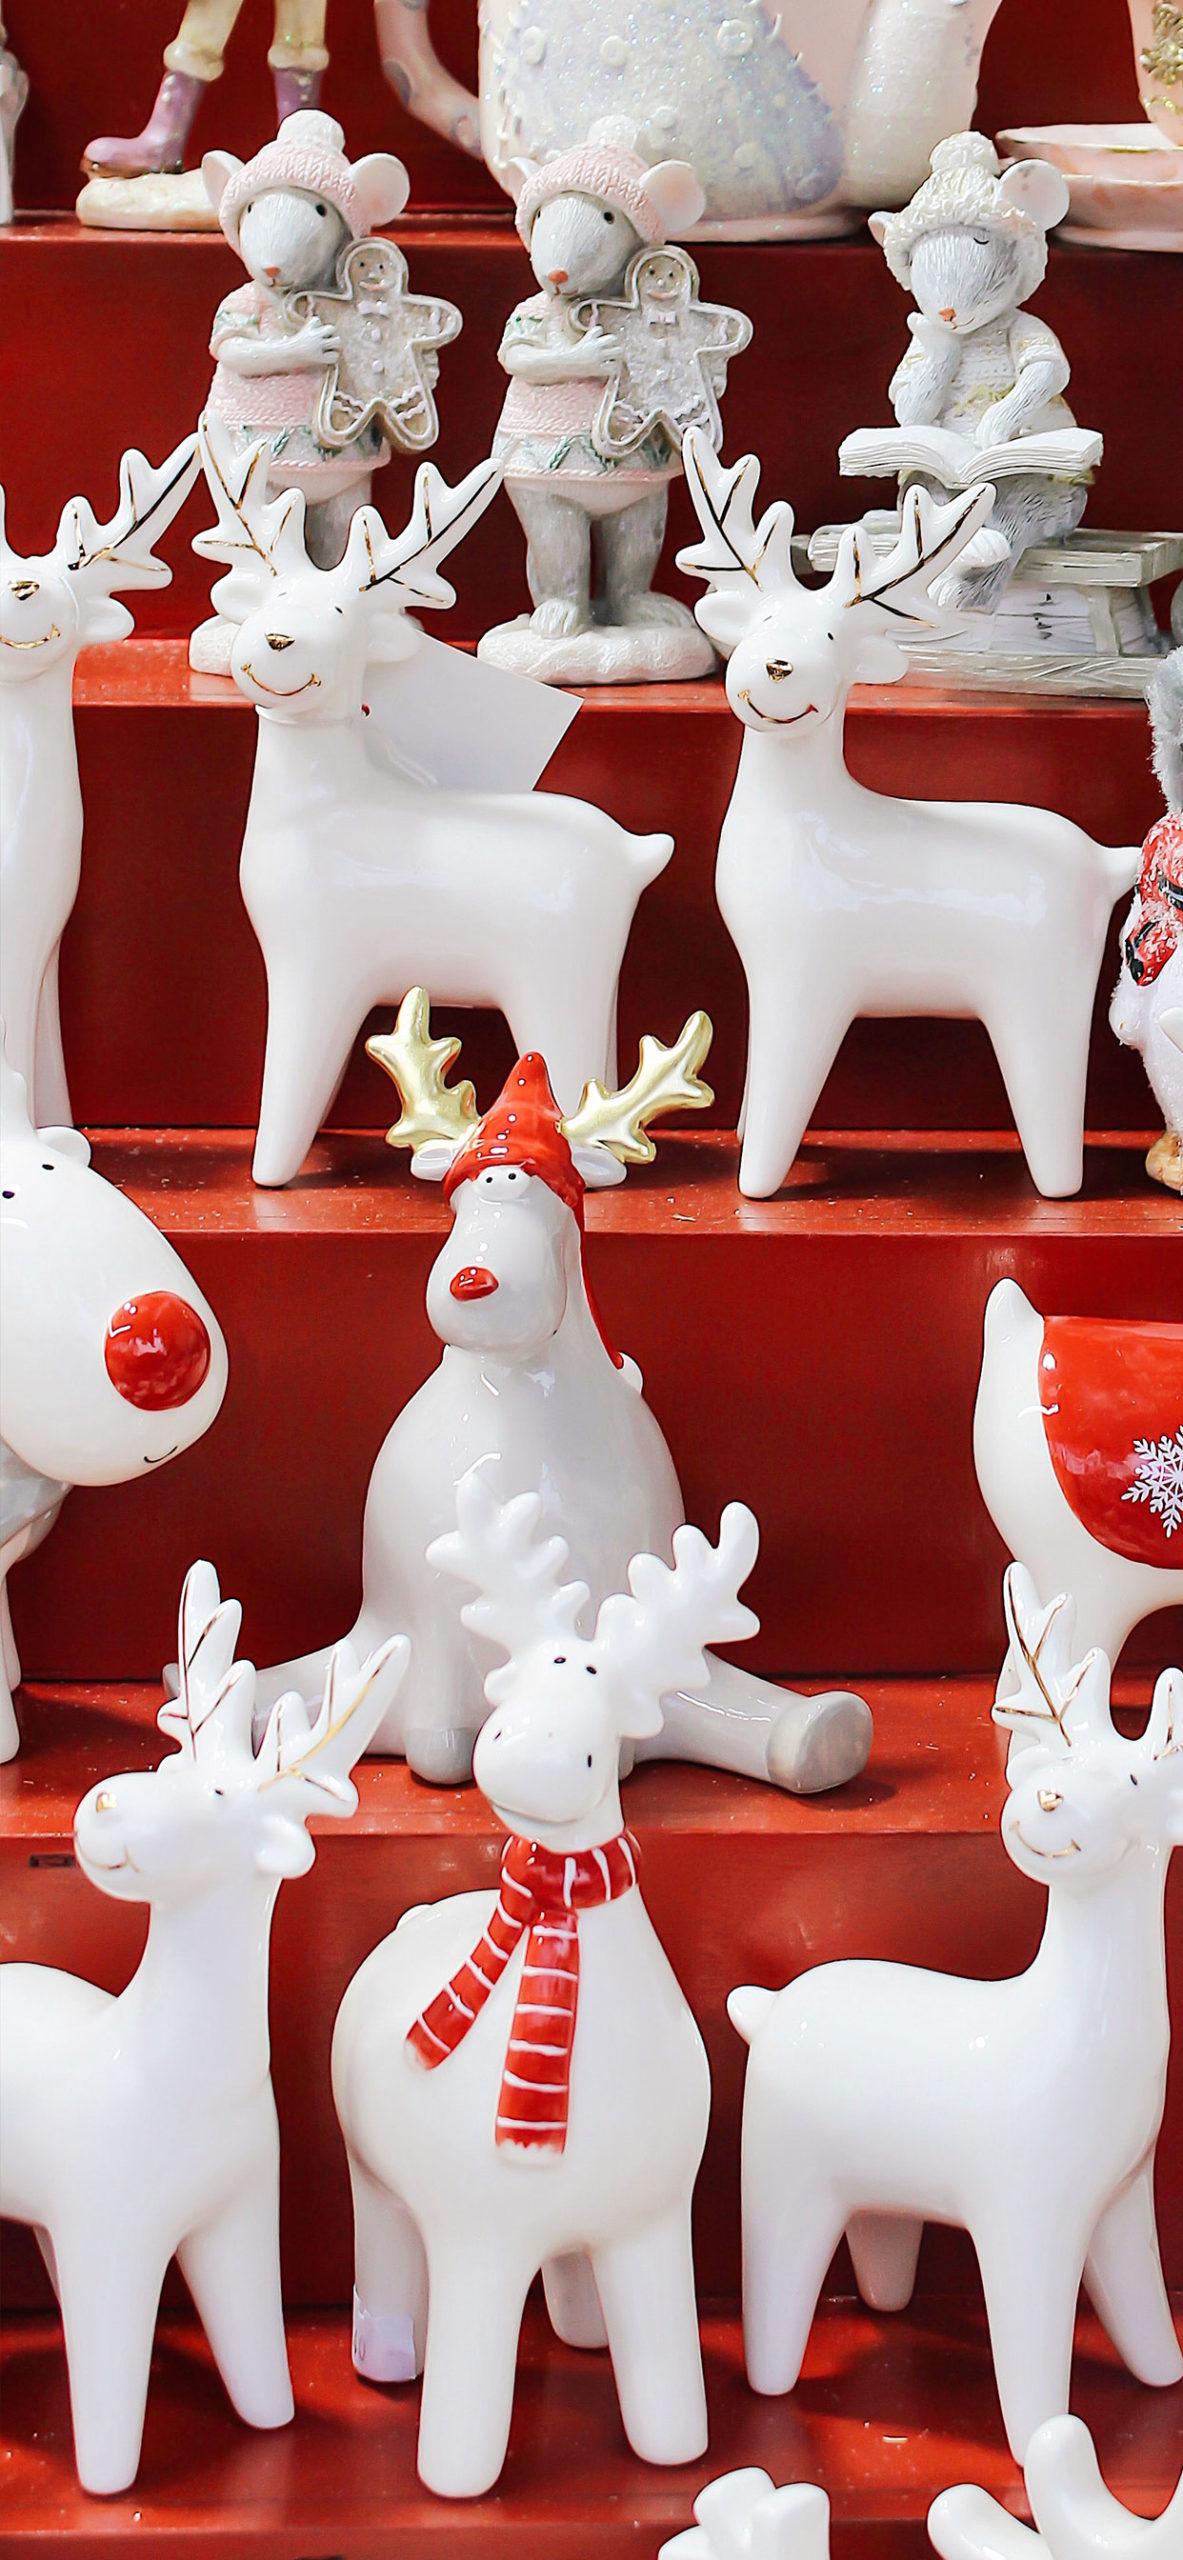 iphone wallpapers reindeer1 scaled Reindeer